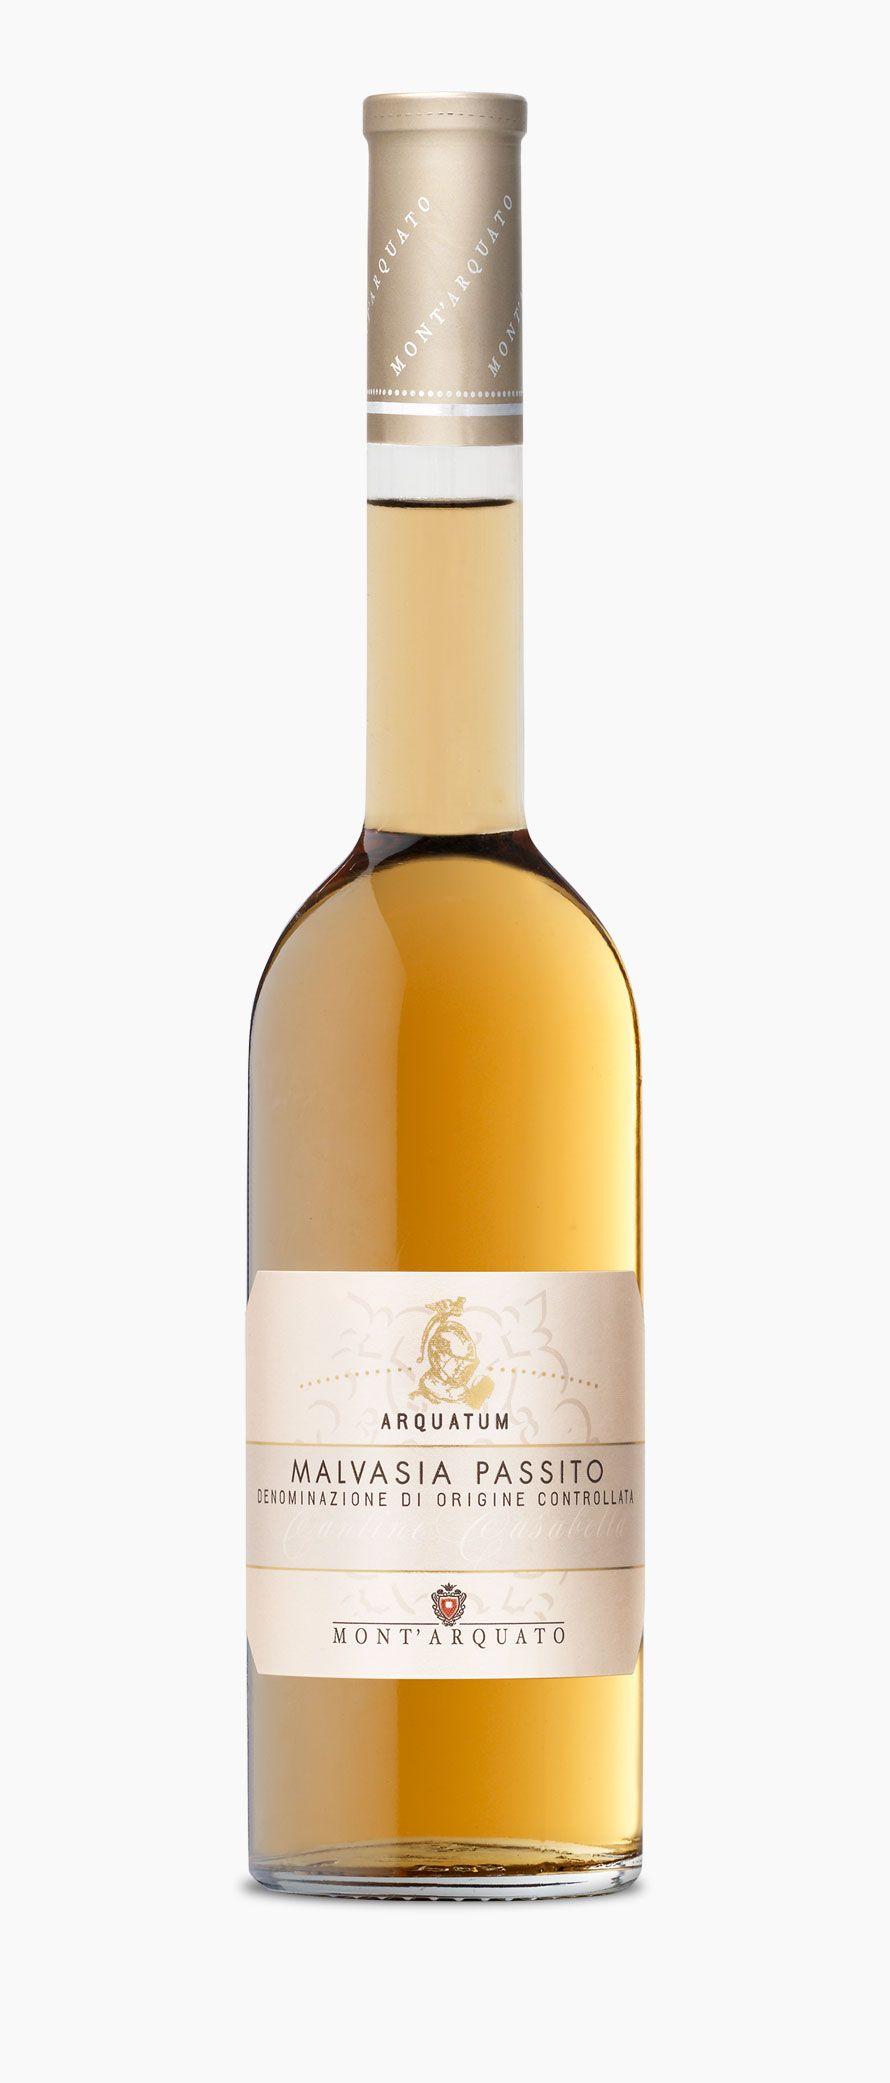 Malvasia Passito